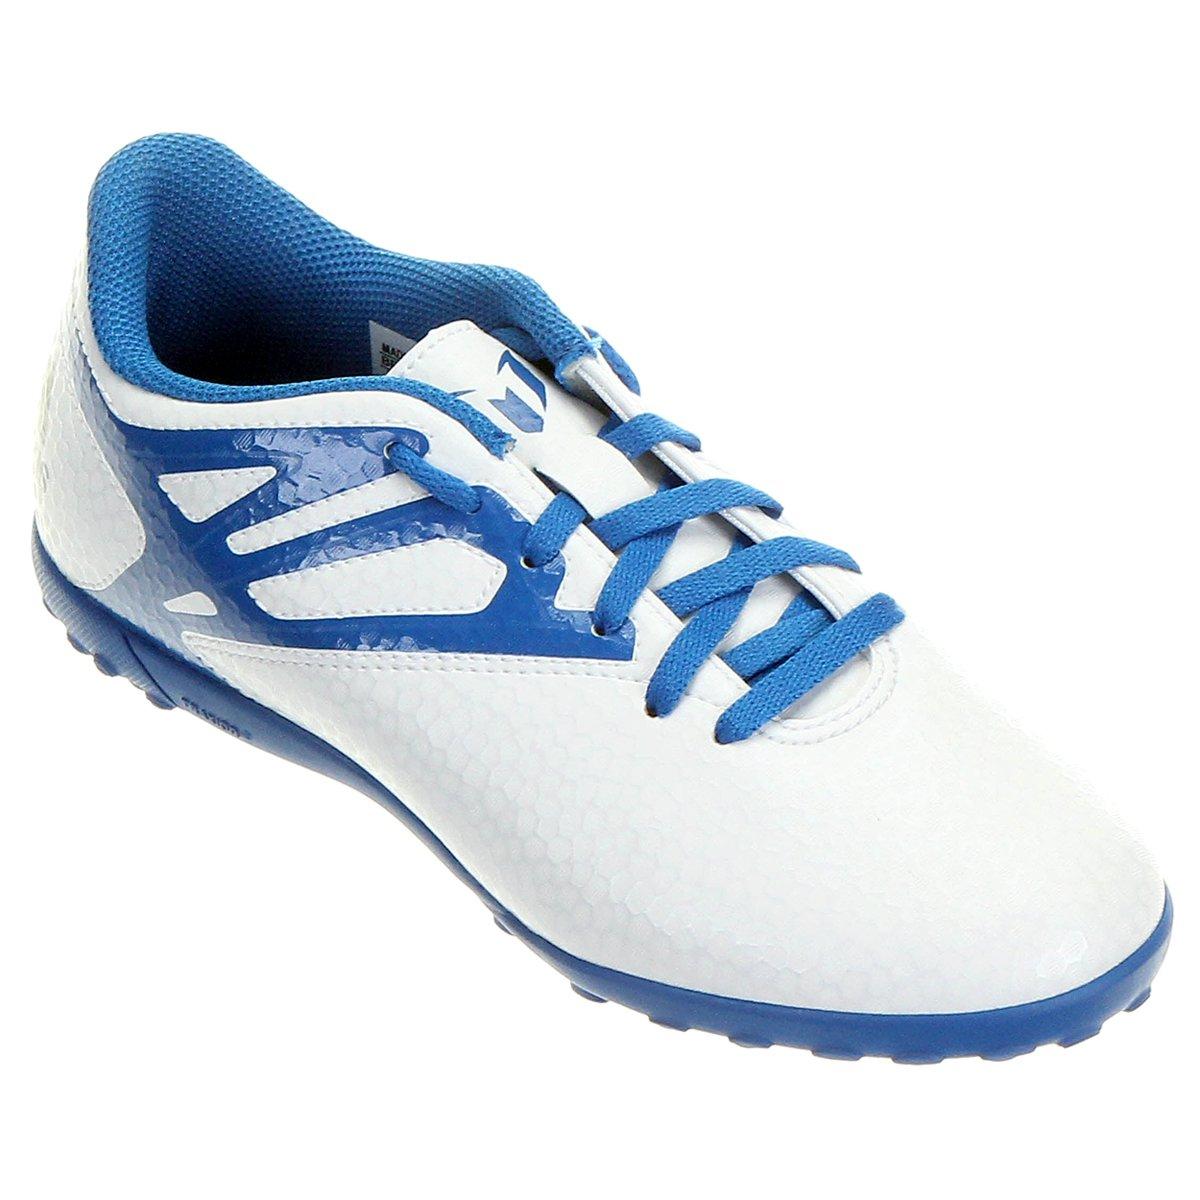 Chuteira Adidas Messi 15.4 TF Society Juvenil - Compre Agora  25f03e27789de